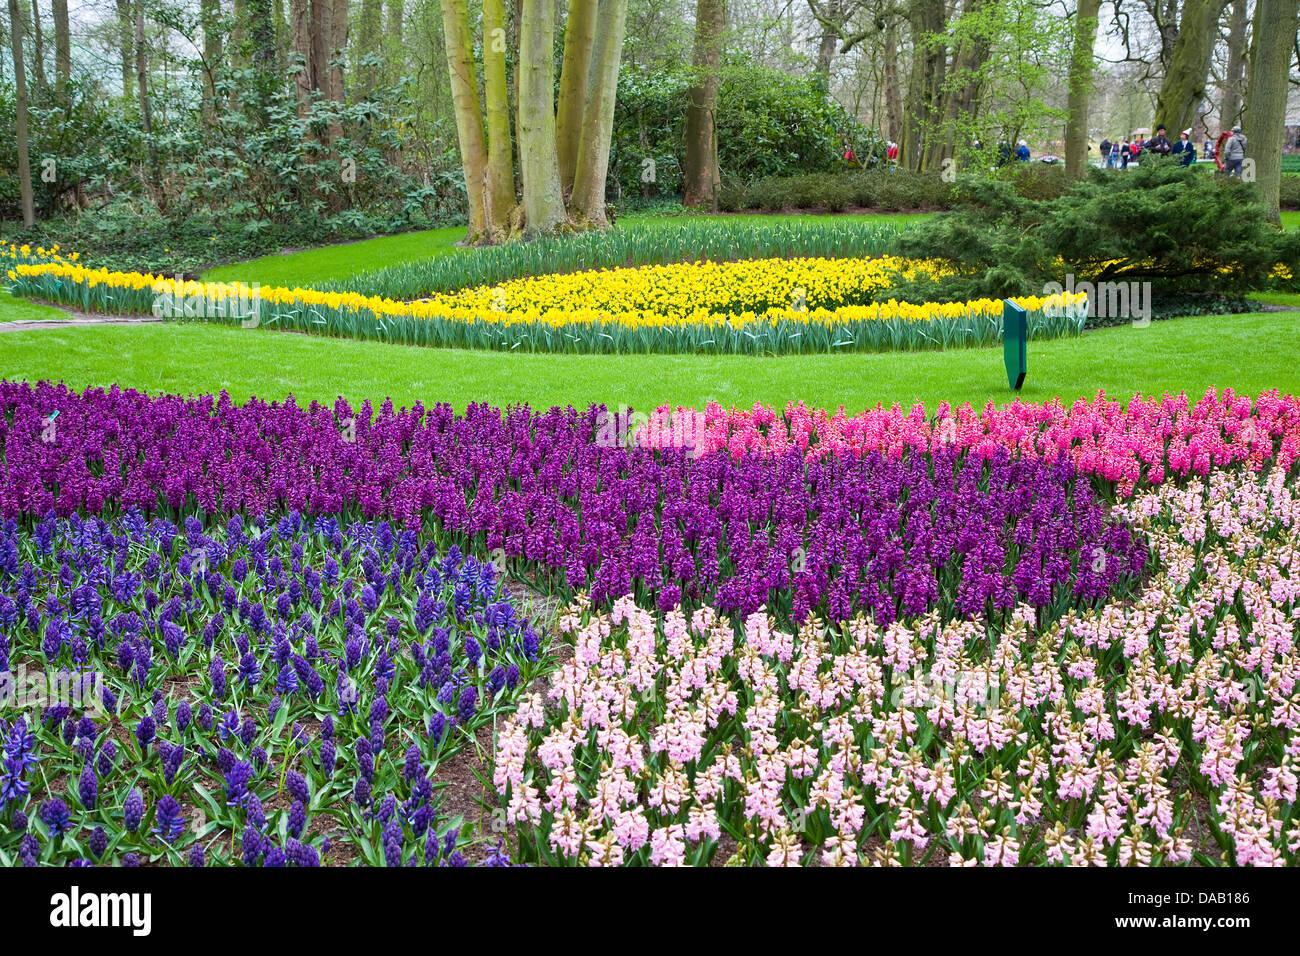 Europe,Netherlands,South Holland,Lisse,Keukenhof,Hyacinth - Stock Image